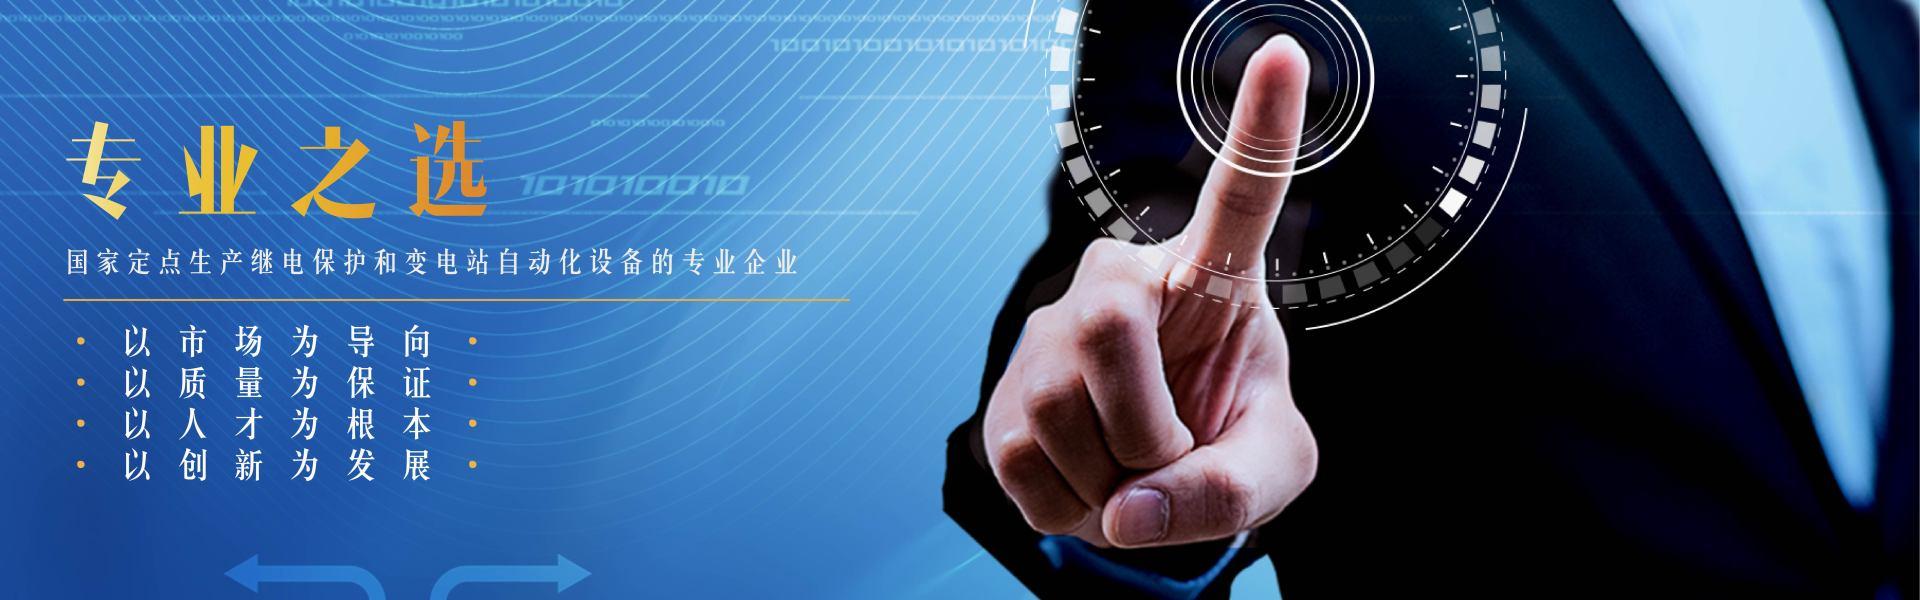 杭州昂陽科技有限公司是國家定點 生產繼電保護和變電站自動化設備的專業企業